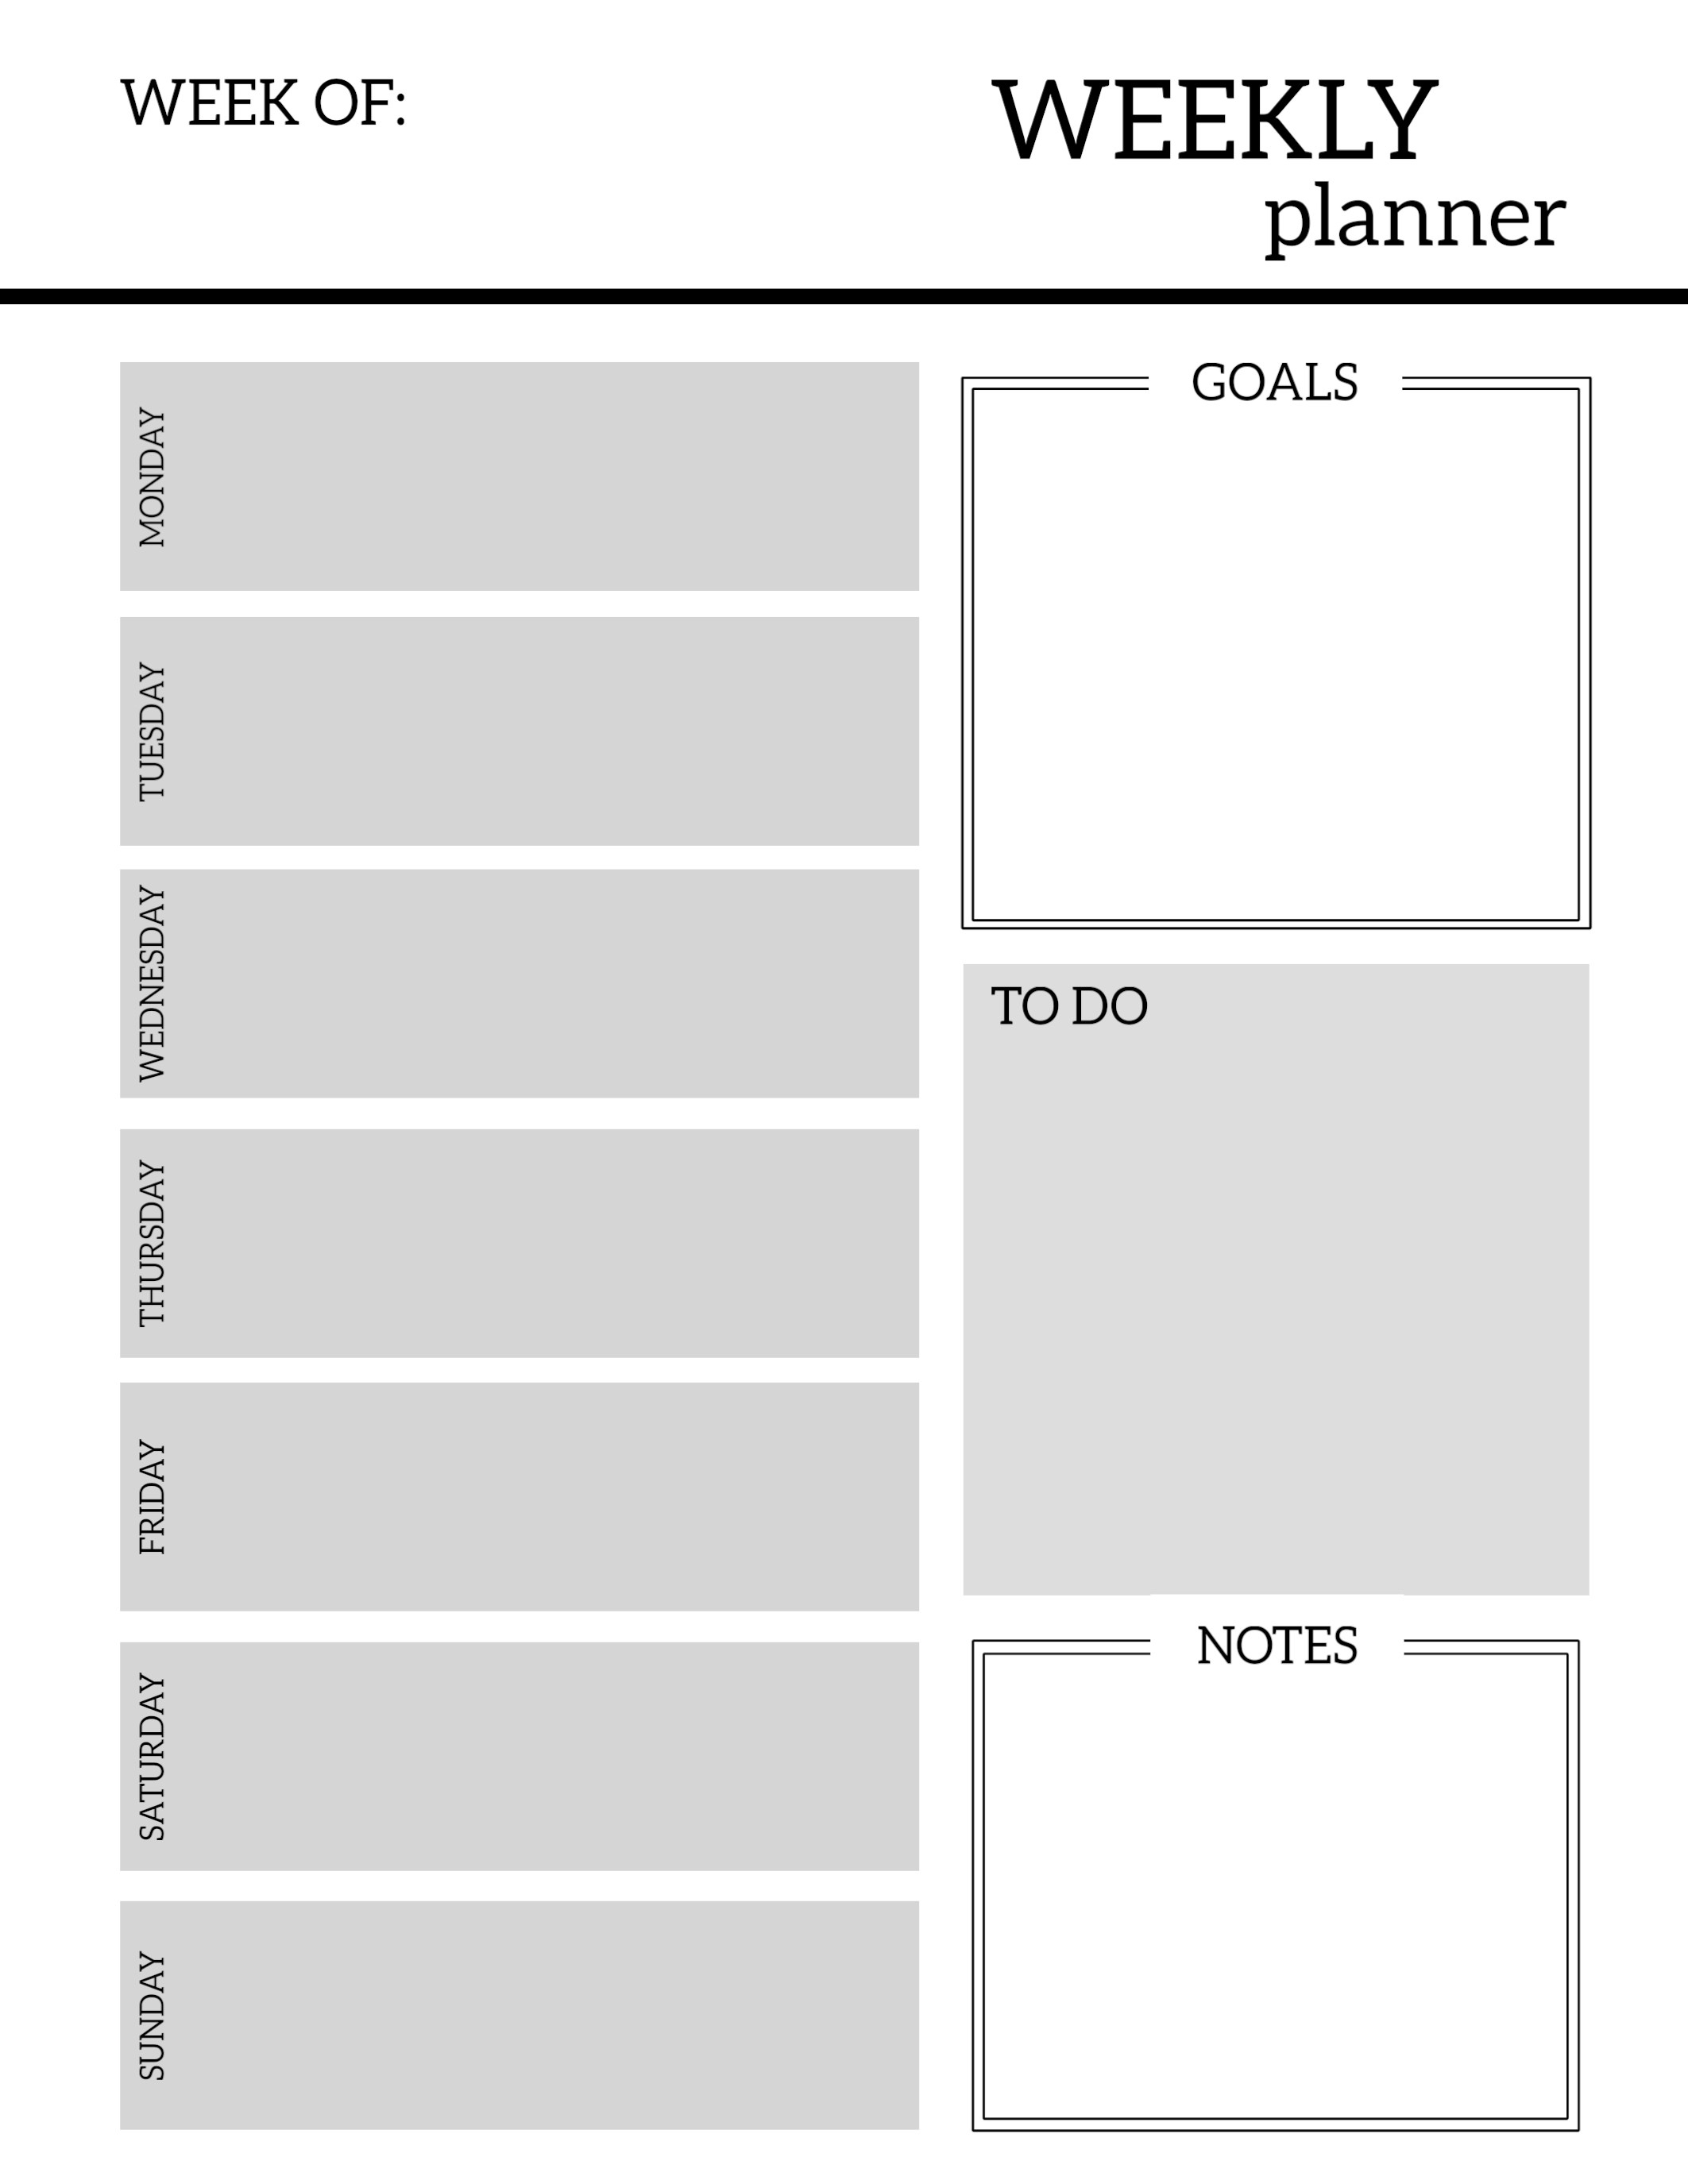 Free Printable Weekly Planner Pages - Paper Trail Design regarding Printable Weekly Planner For The Week